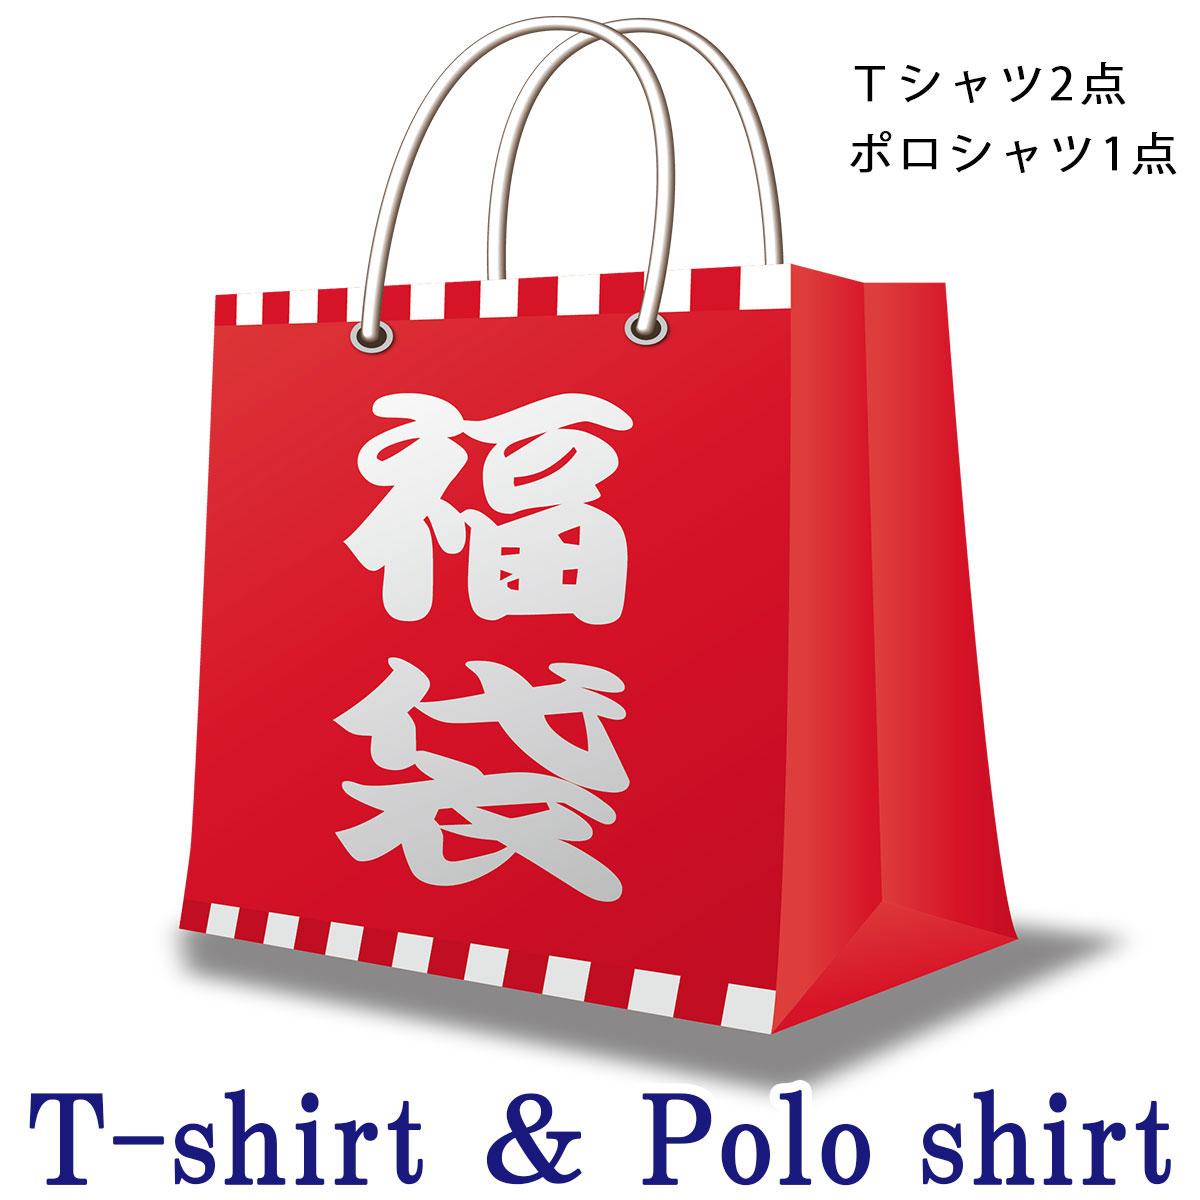 福袋 アバクロ メンズ Tシャツ・ポロシャツ 父の日 アバクロなどのアメカジブランド中心の福袋です B1C C0D C1D D1E D3E